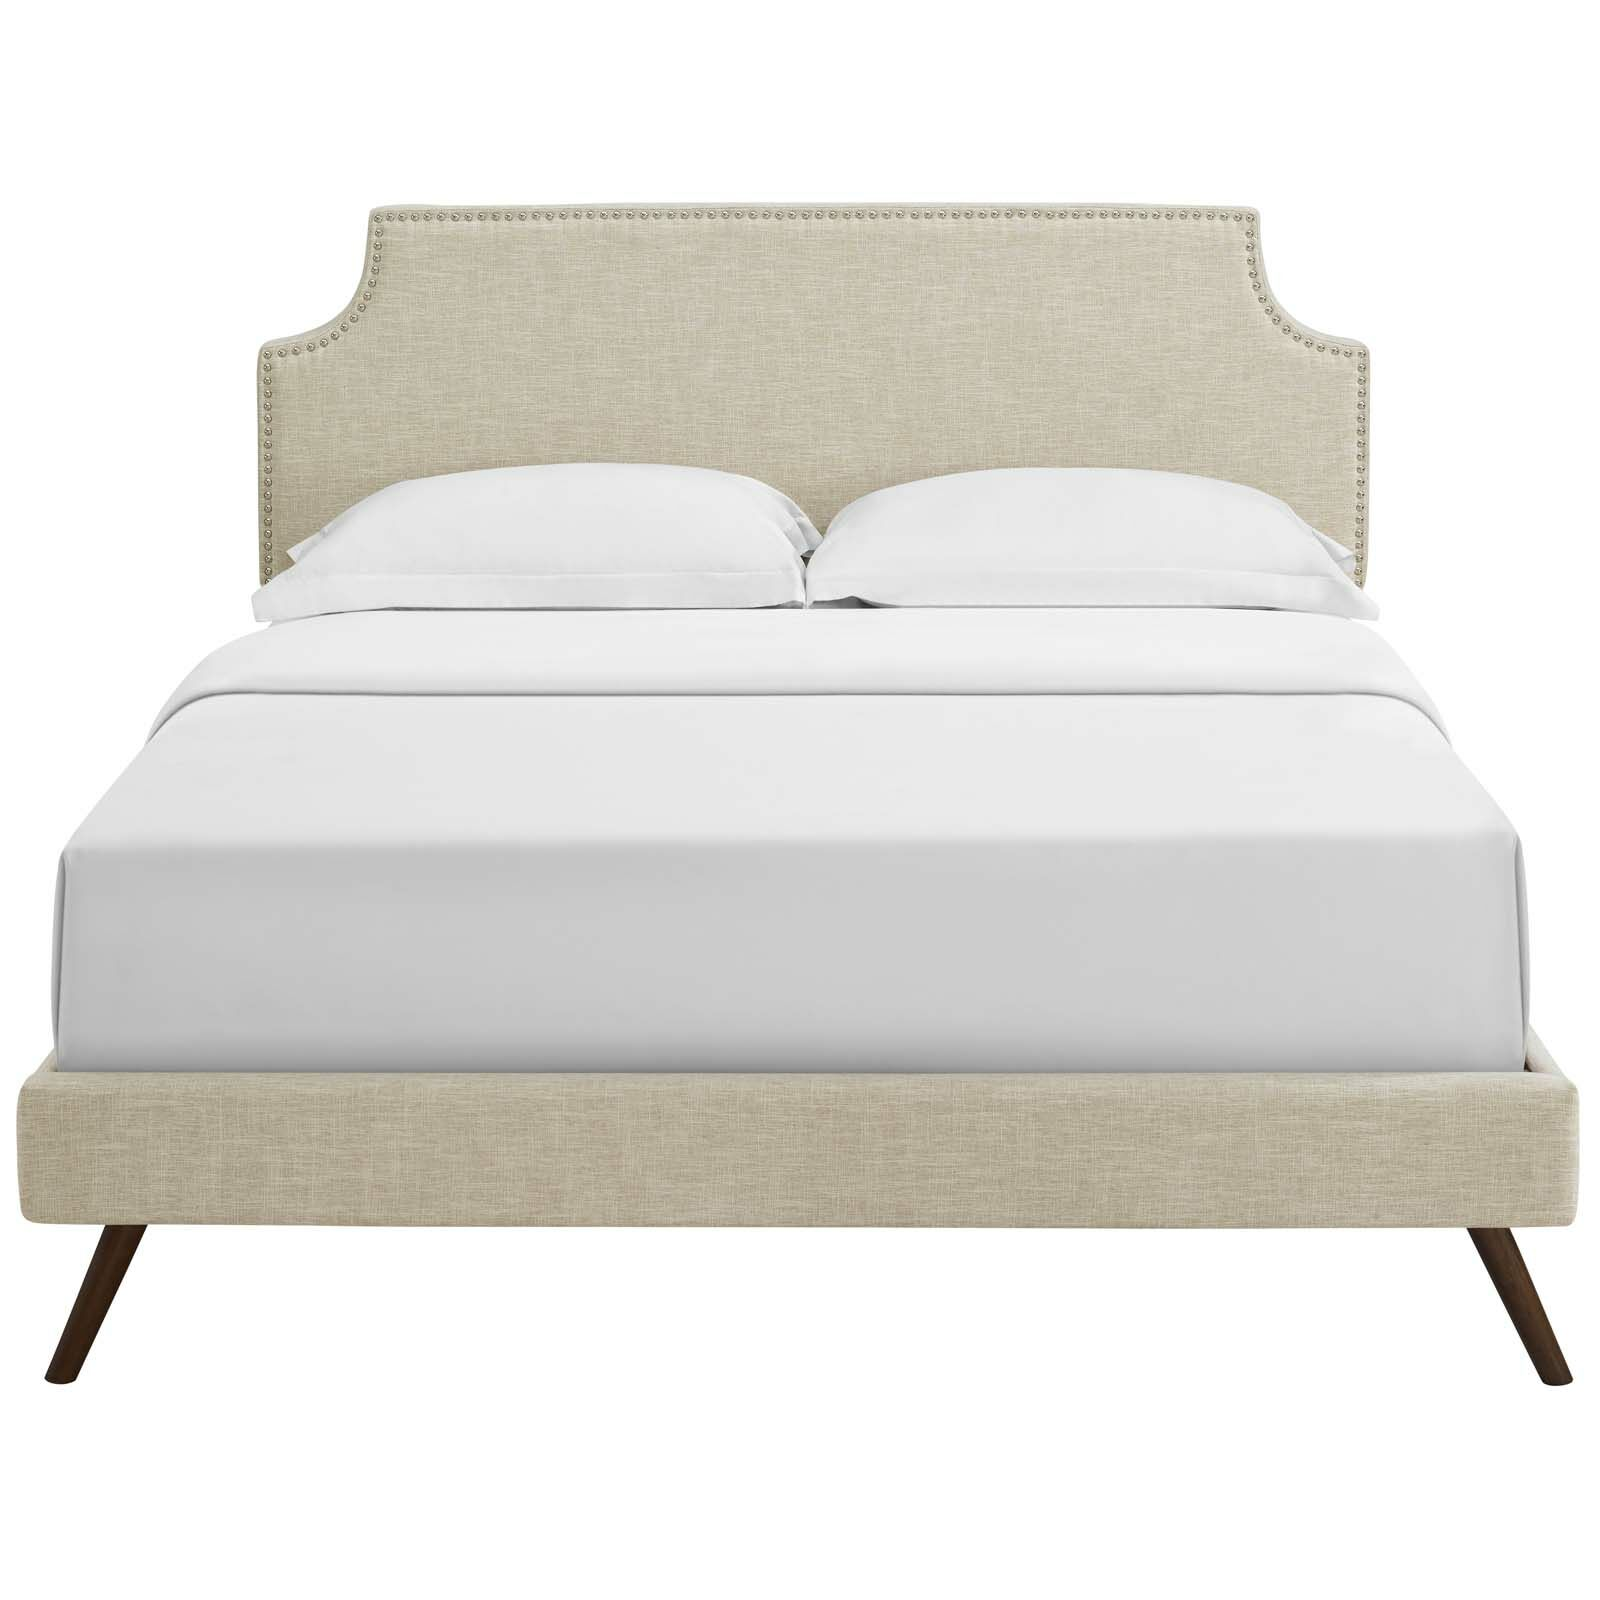 Hertzler Upholstered Platform Bed Size: Full/Double